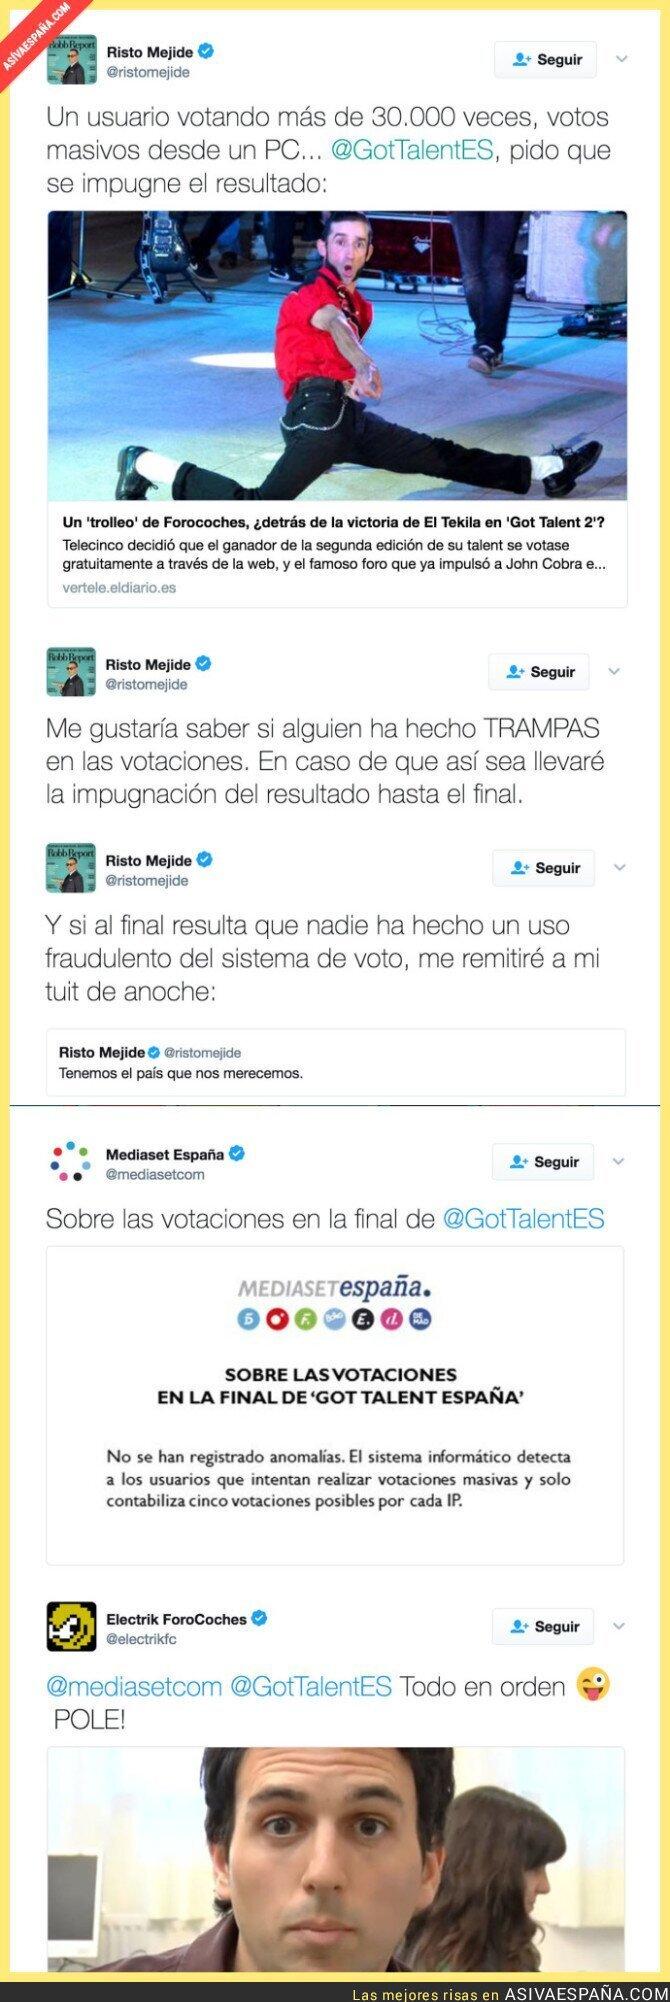 64994 - POLÉMICA MÁXIMA: Risto Mejide pide impugnar el ganador de Got Talent y Telecinco responde